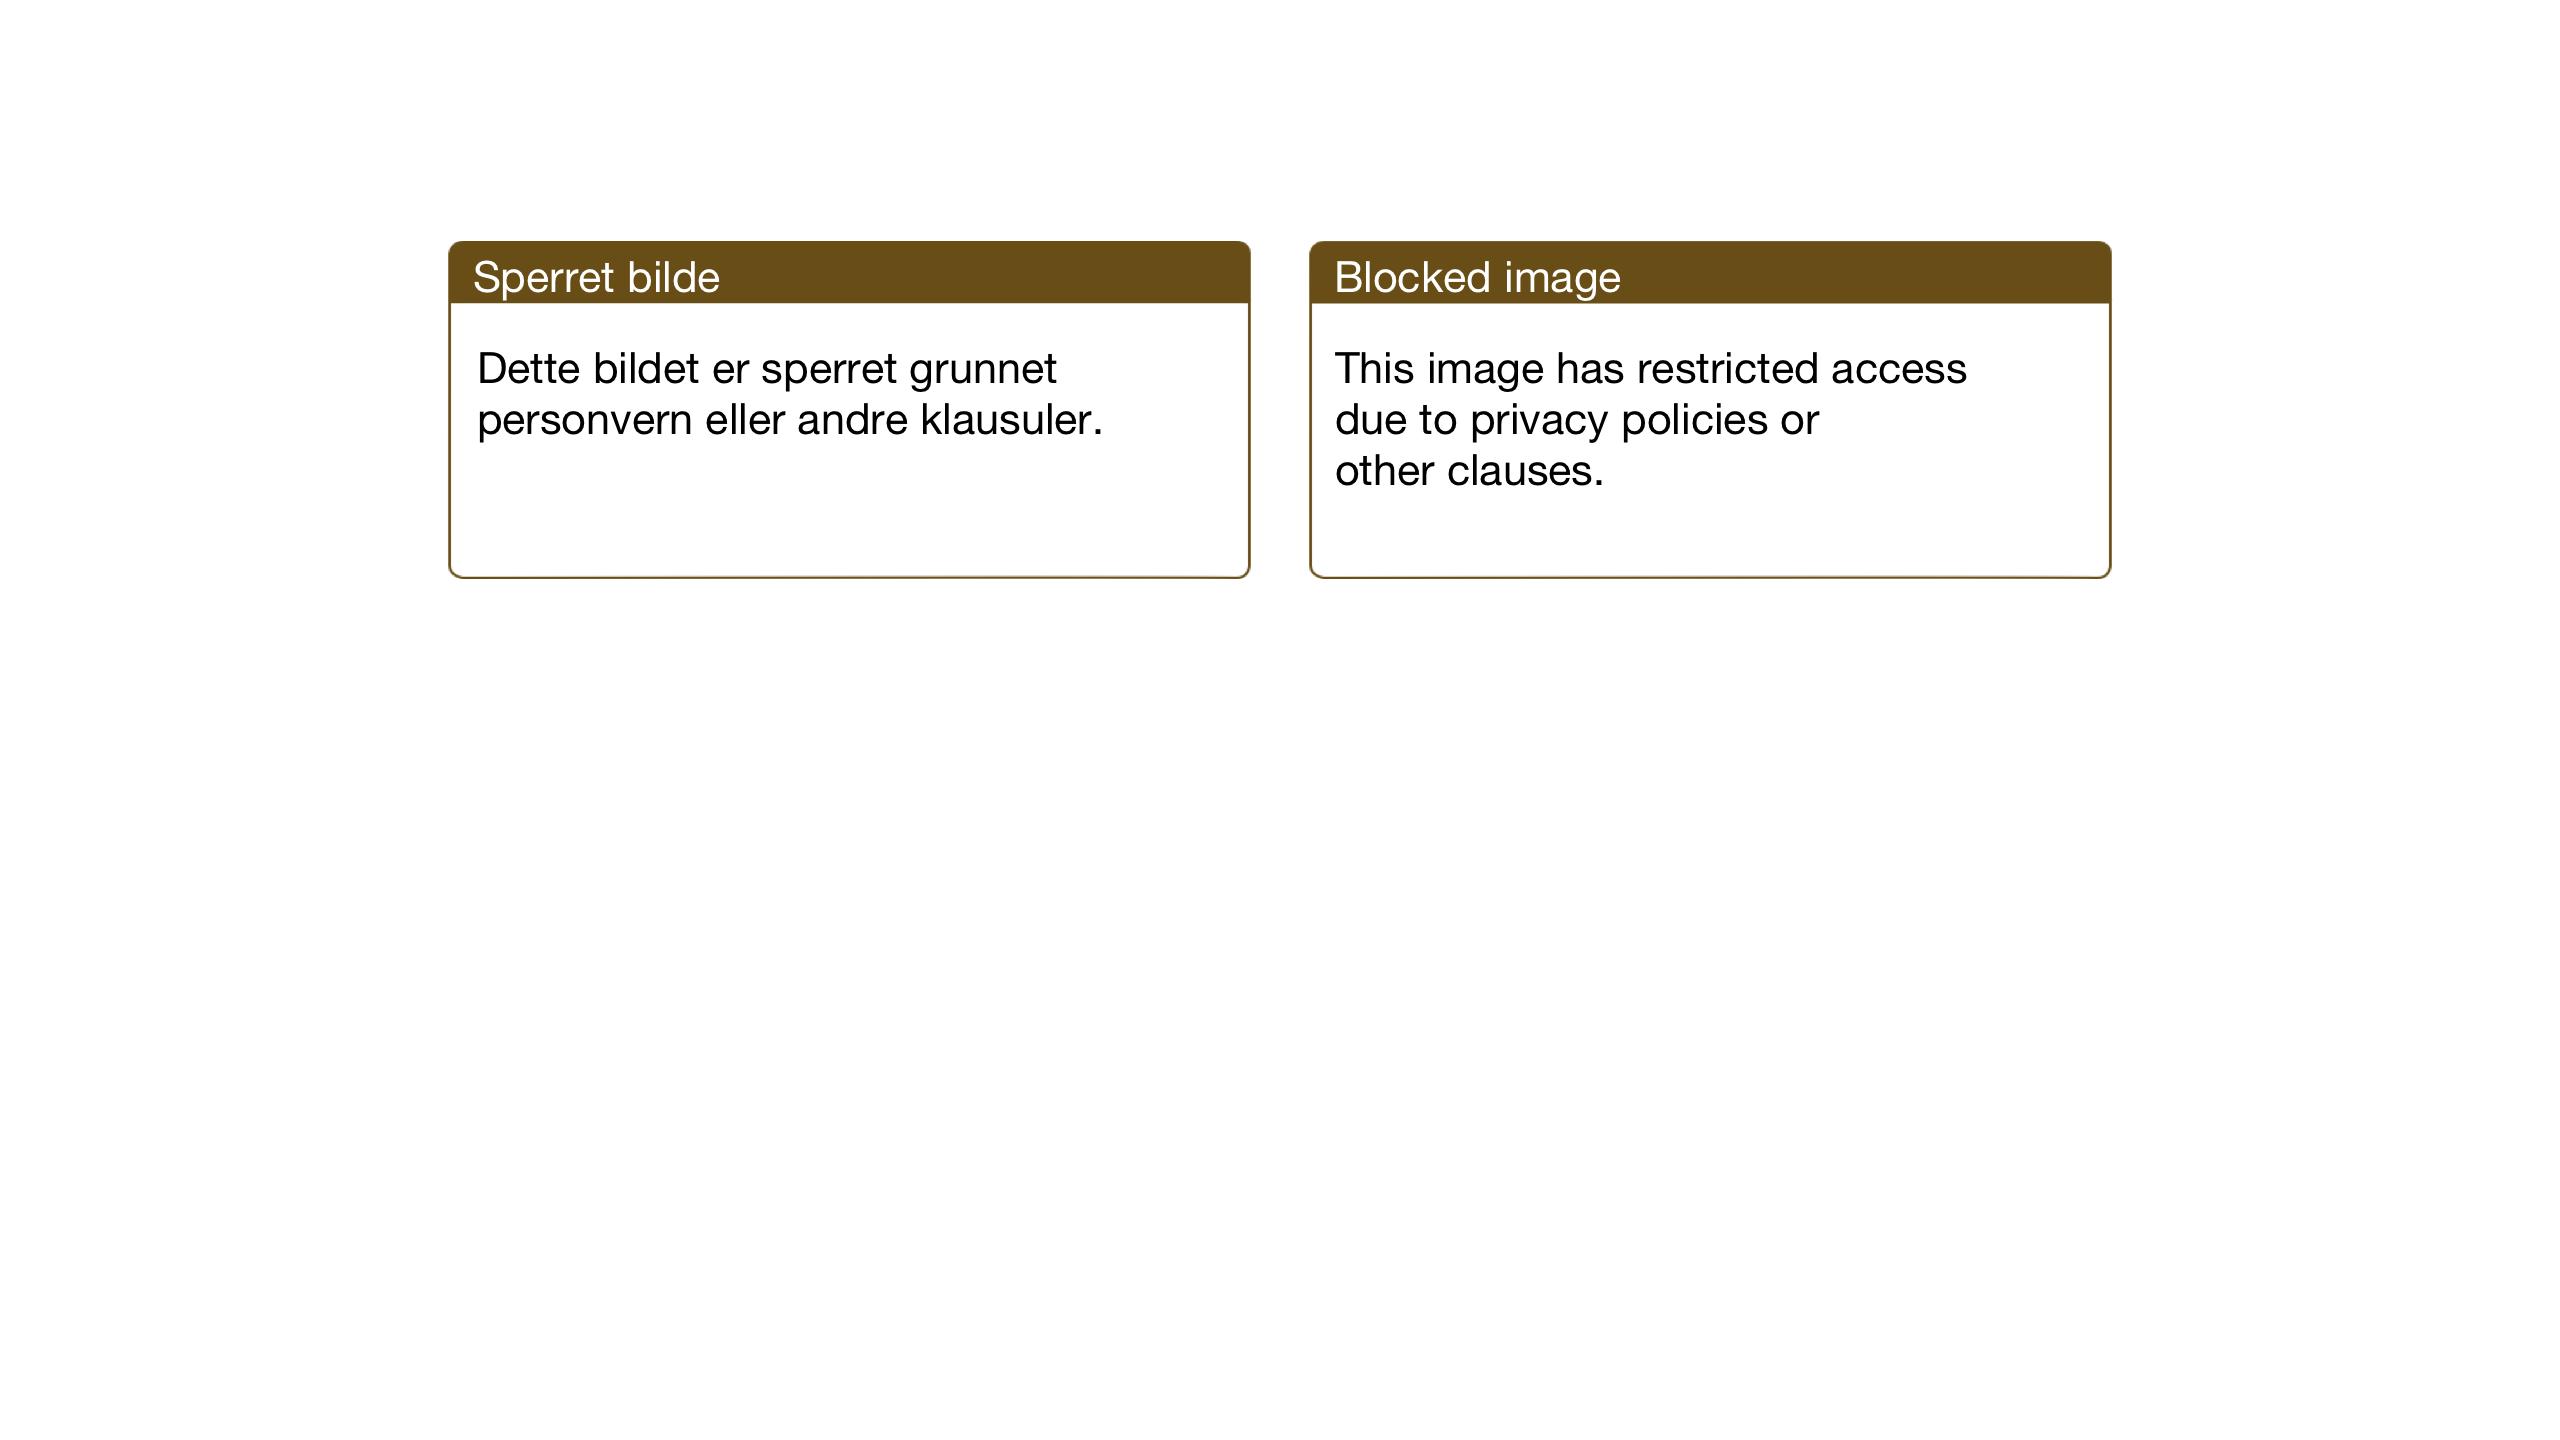 SAT, Ministerialprotokoller, klokkerbøker og fødselsregistre - Nord-Trøndelag, 780/L0654: Klokkerbok nr. 780C06, 1928-1942, s. 45